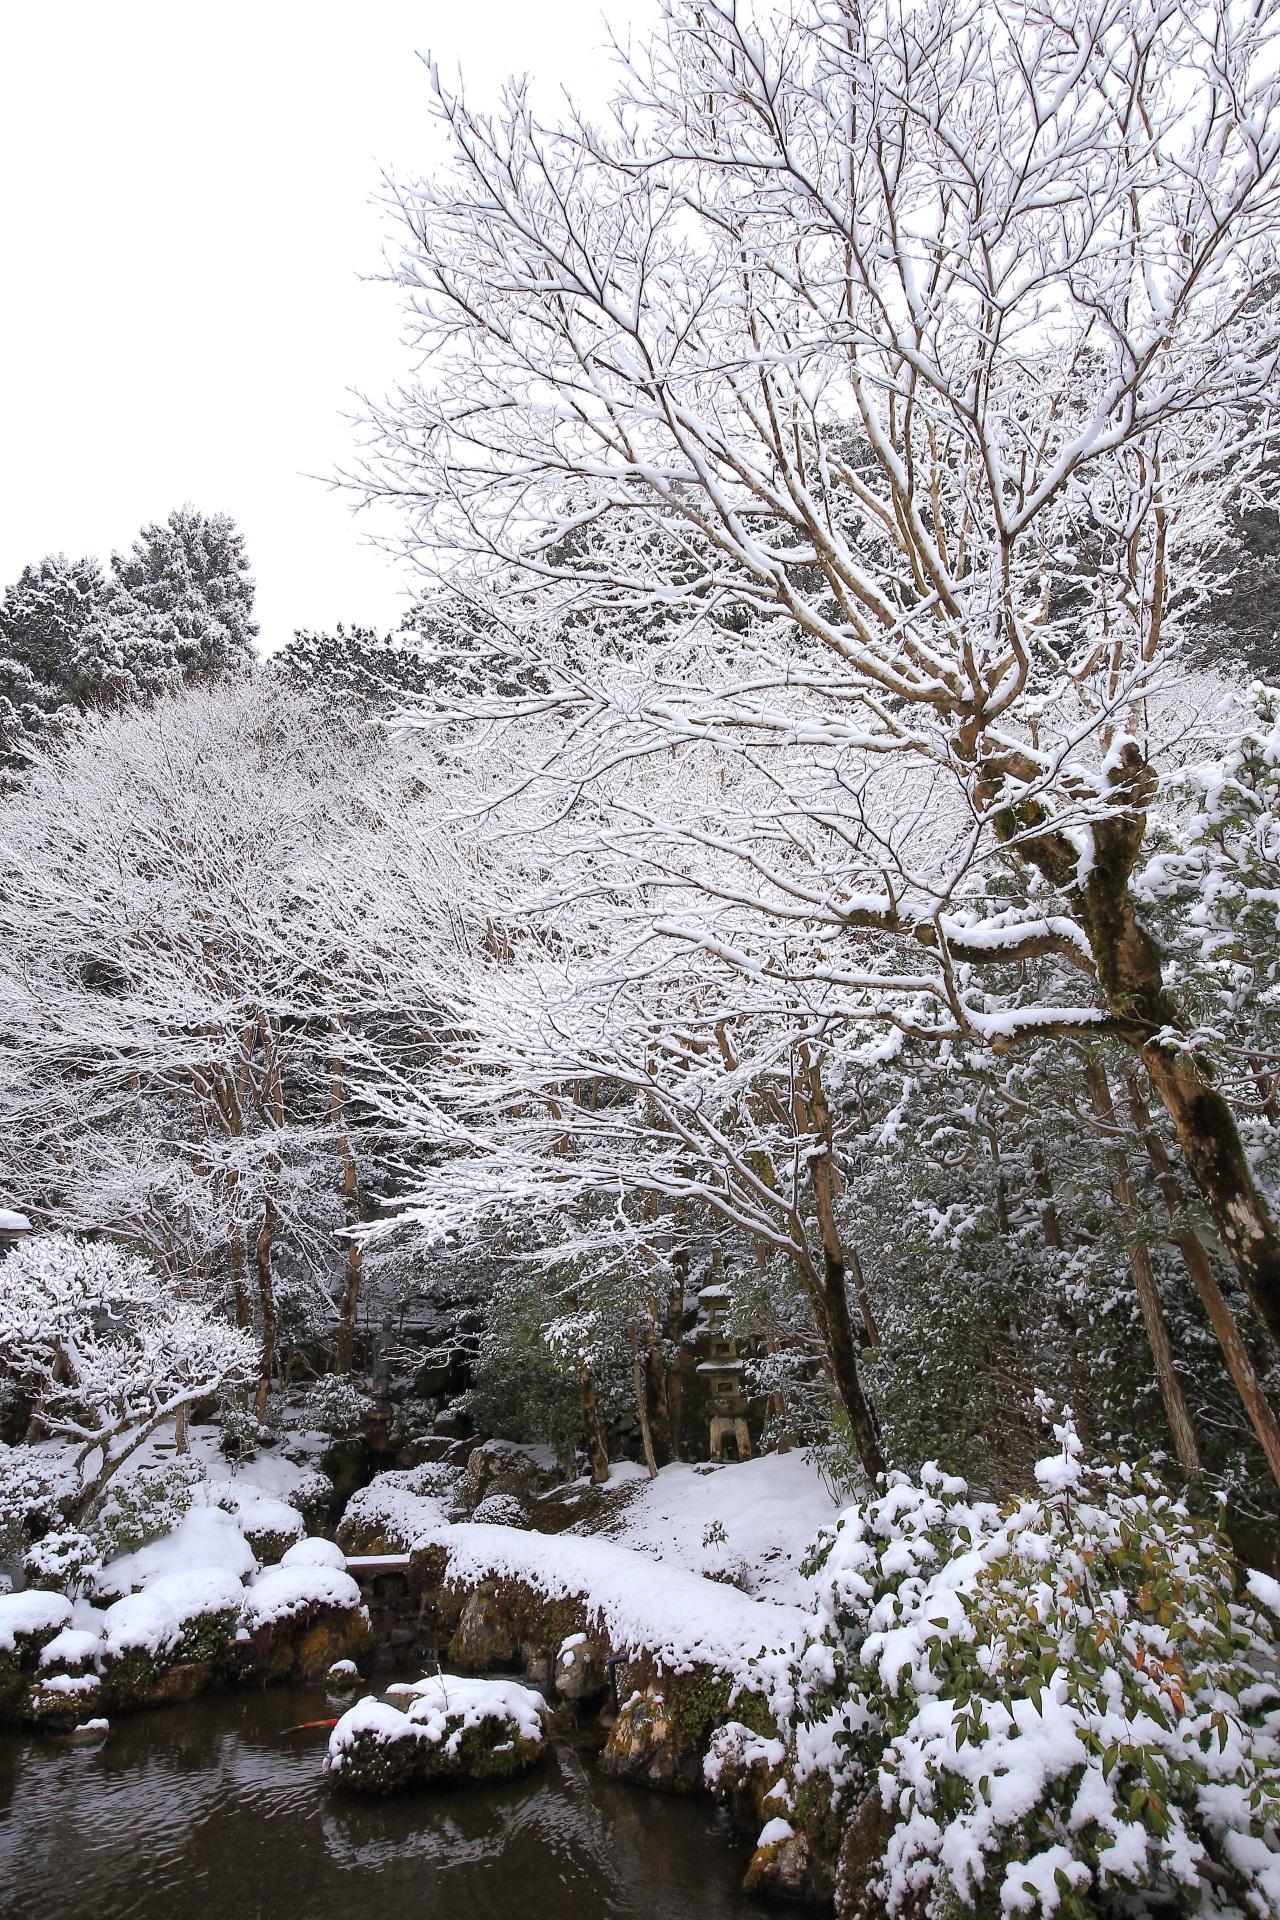 四方正面の池の雪景色